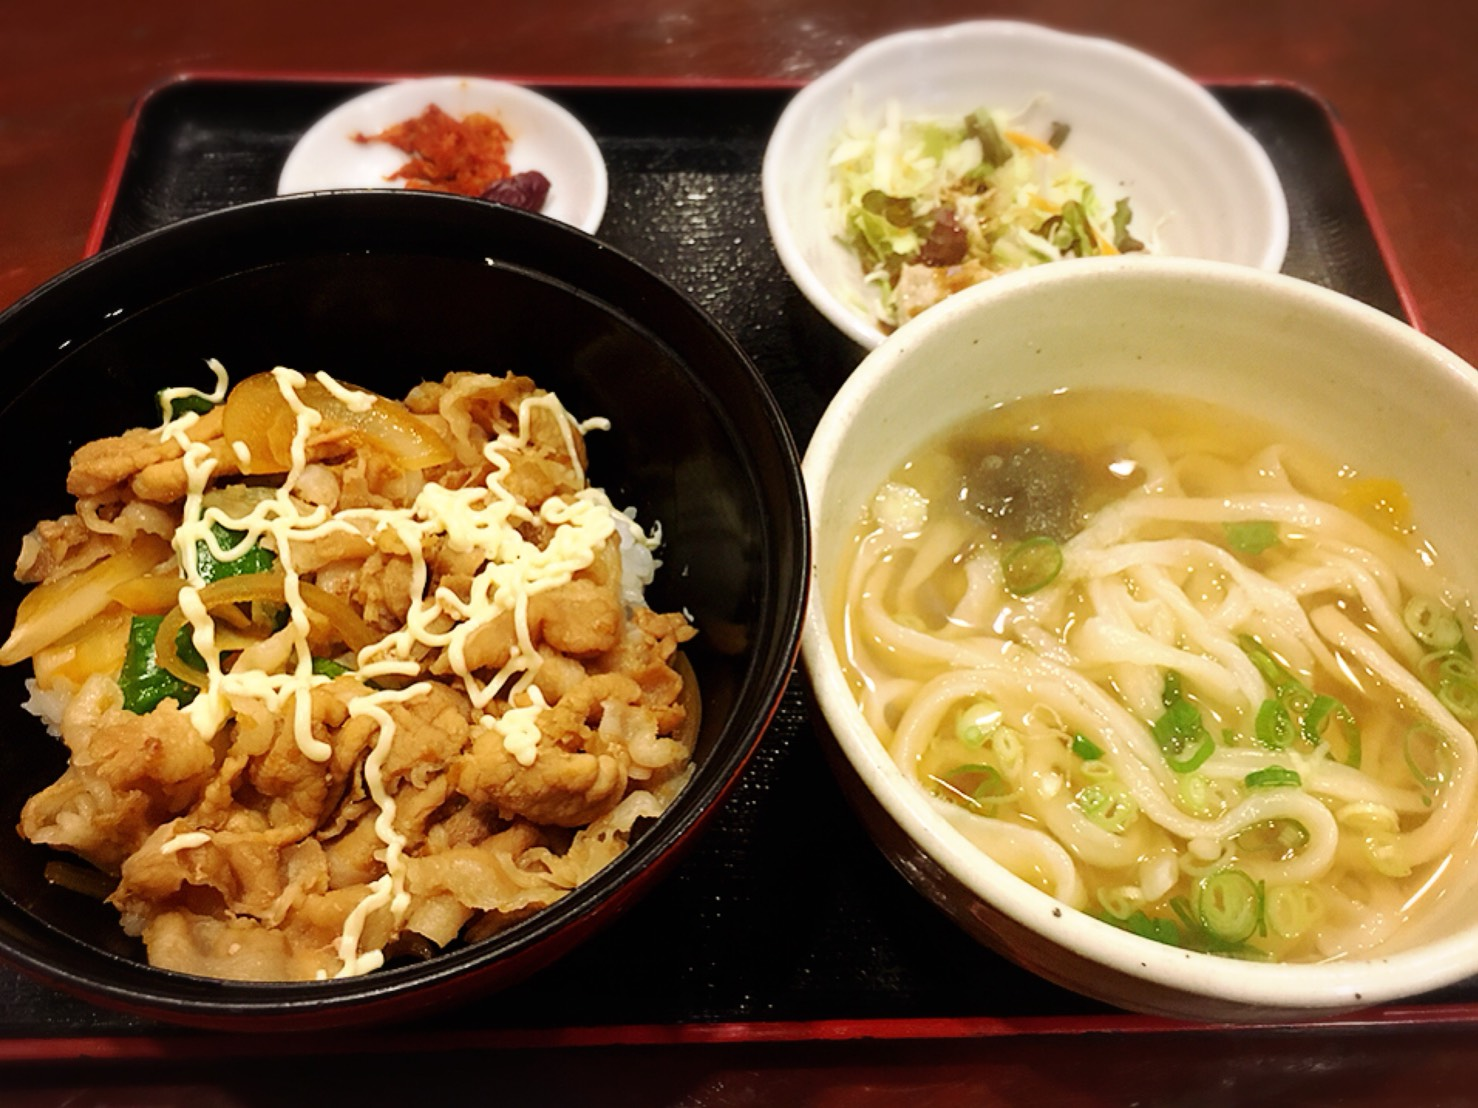 【大塚駅】関西風手打ちうどんチュルッとしたいよね「ふじ誠」のしょうが焼き丼セット